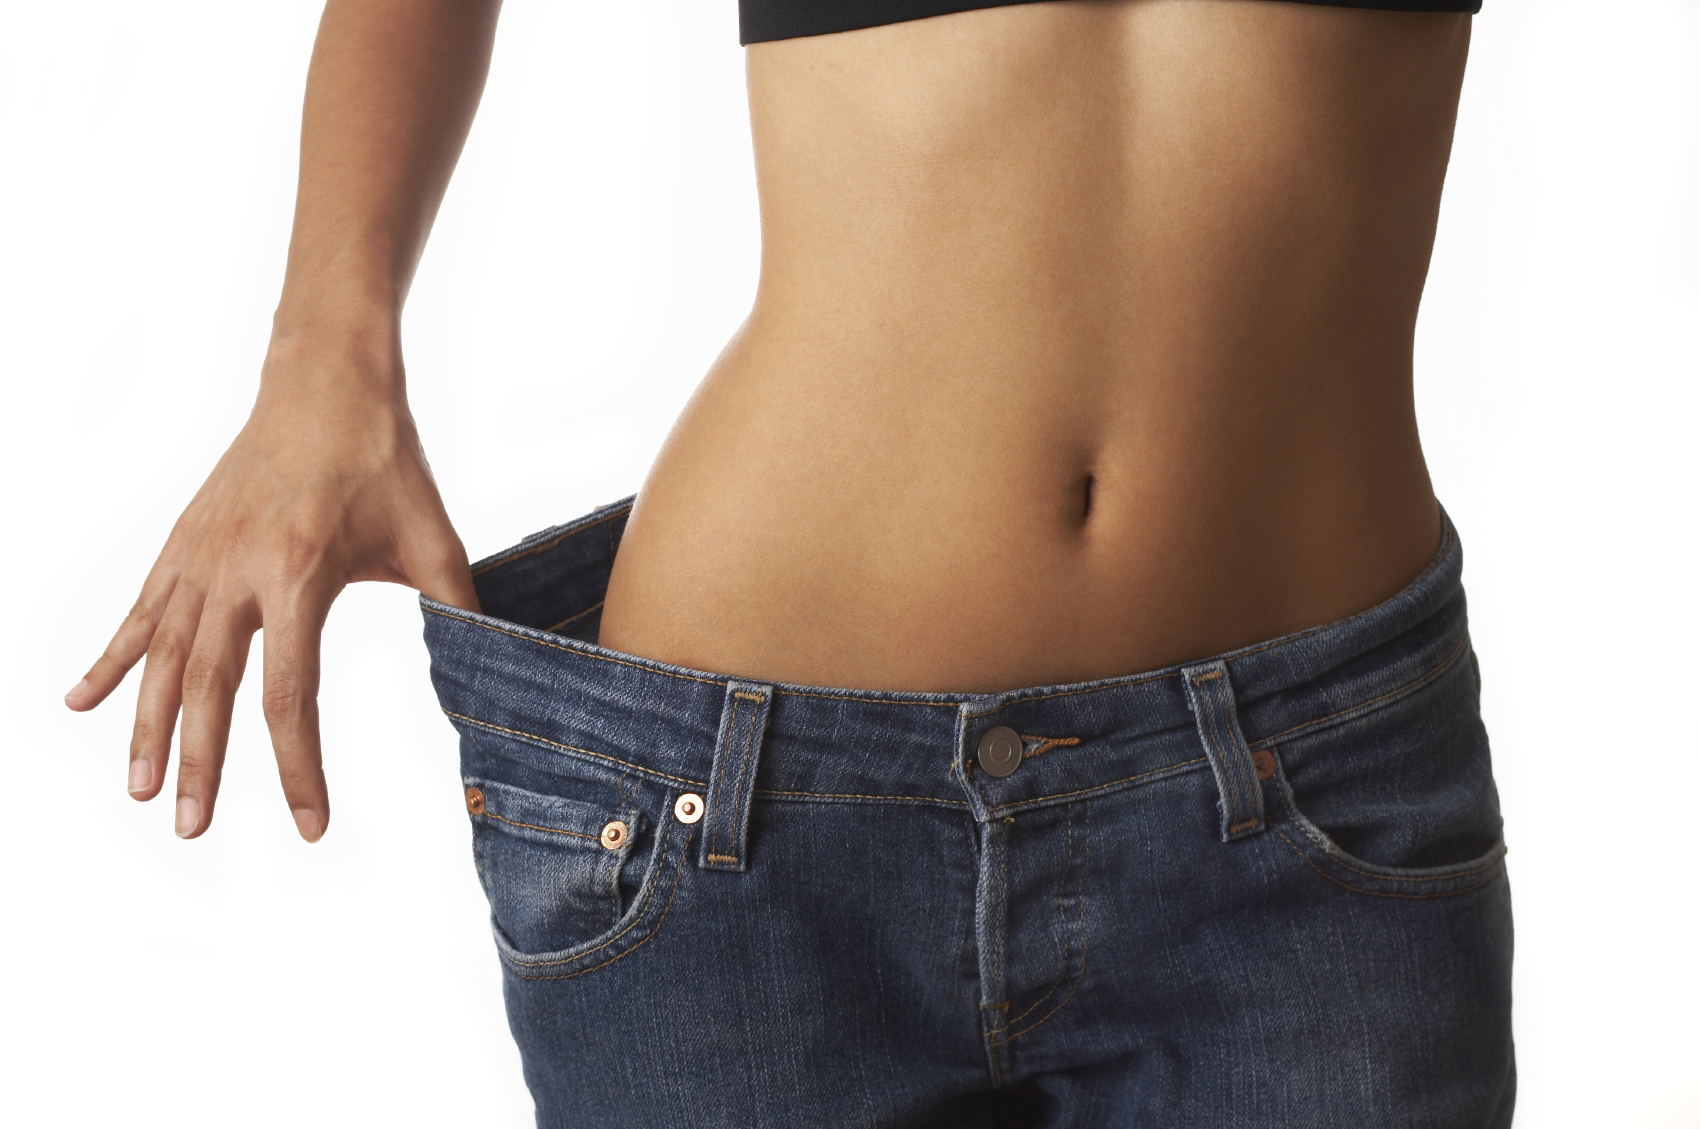 آیا استپ وزن بعد از عمل اسلیو عادی است؟